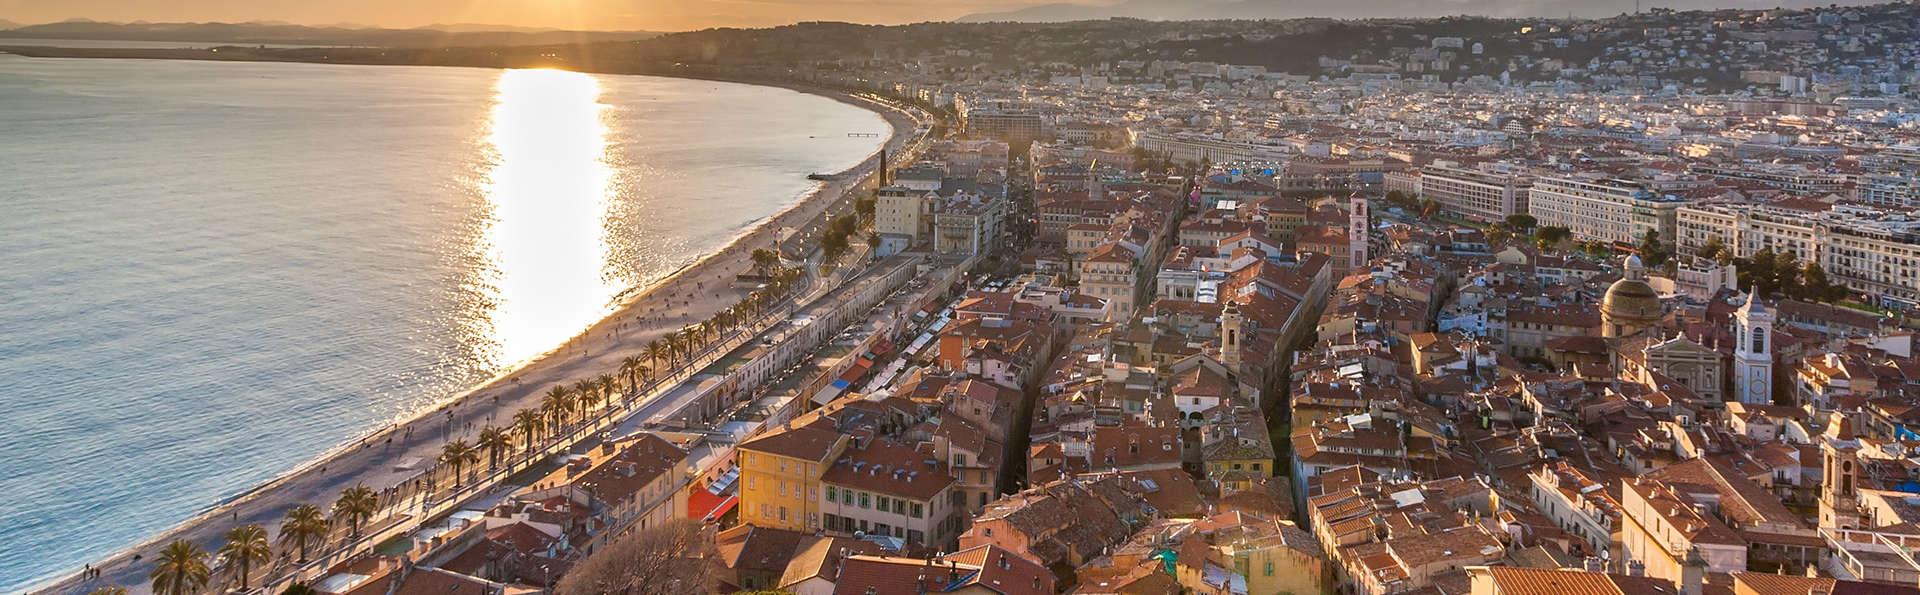 Offre spéciale limitée à Nice avec surclassement et départ tardif offert